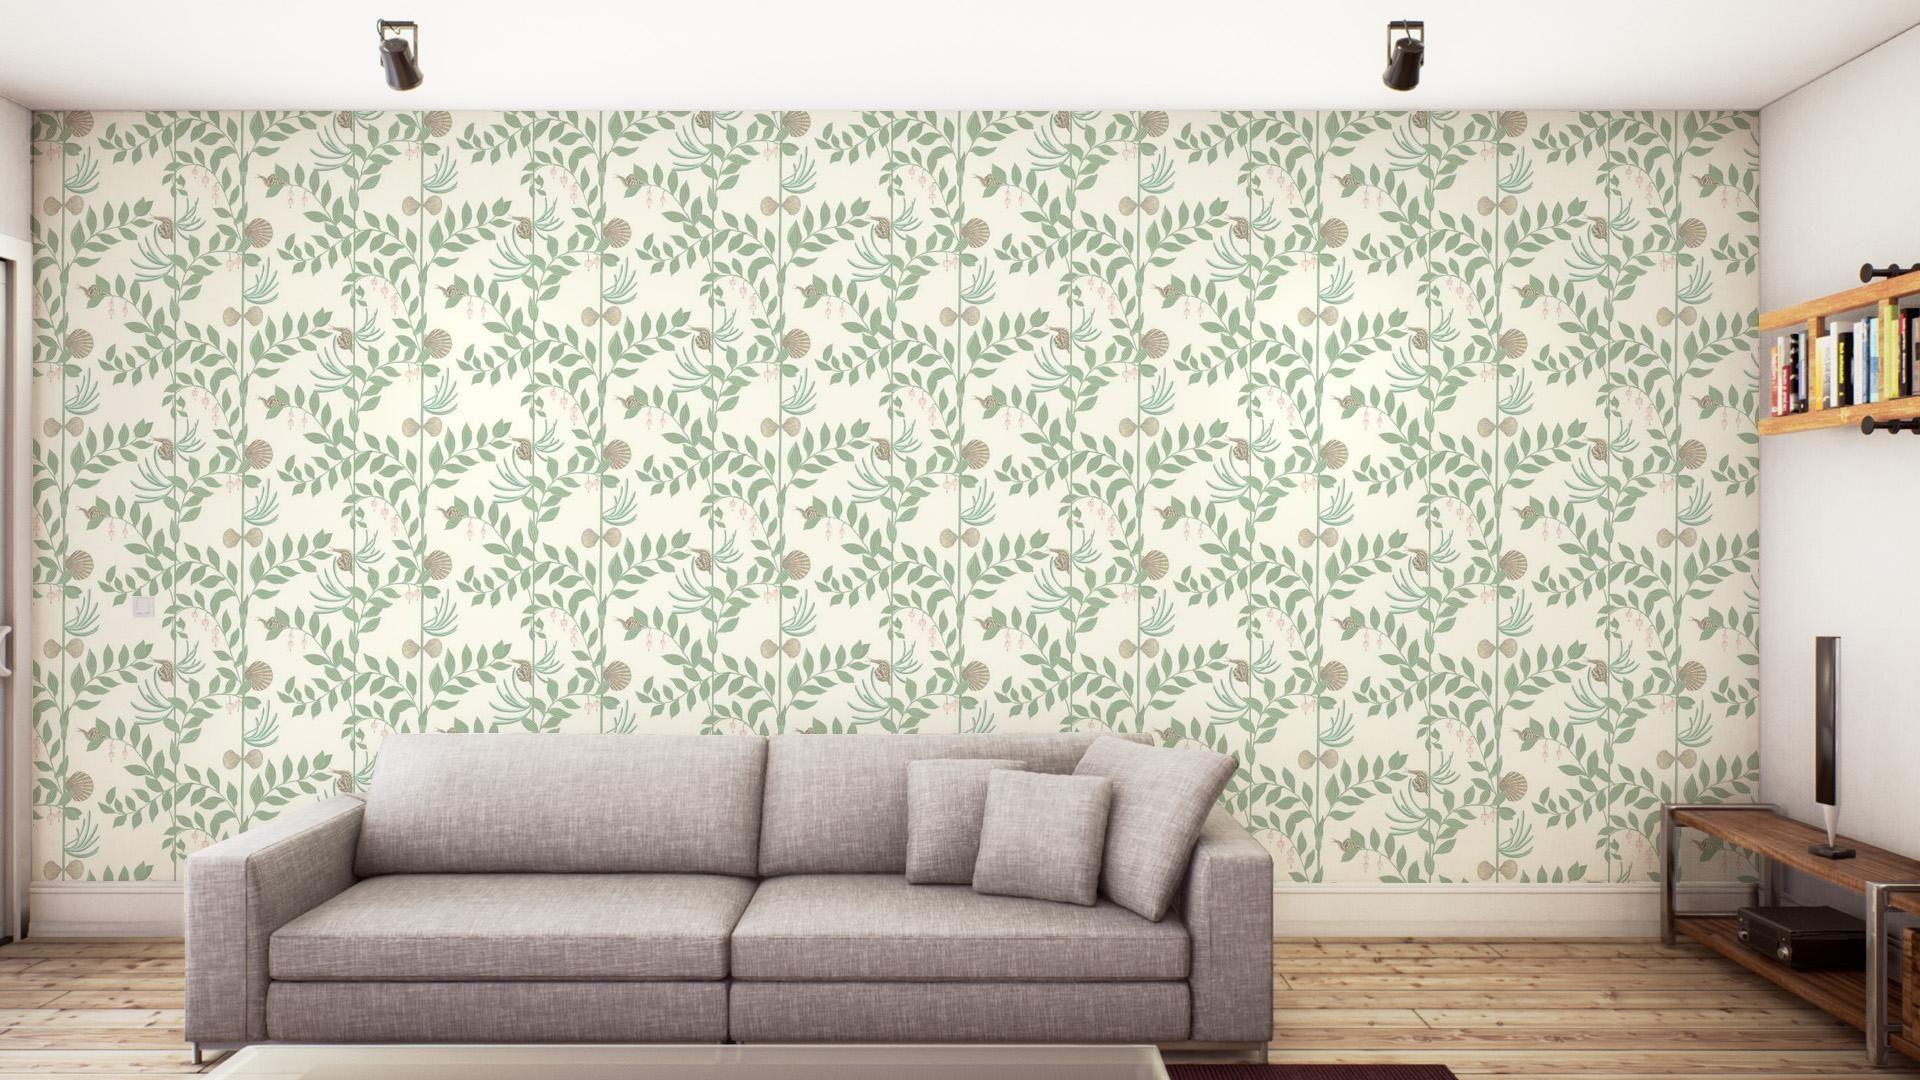 Image Result For Cole And Son Secret Garden Wallpaper Secret